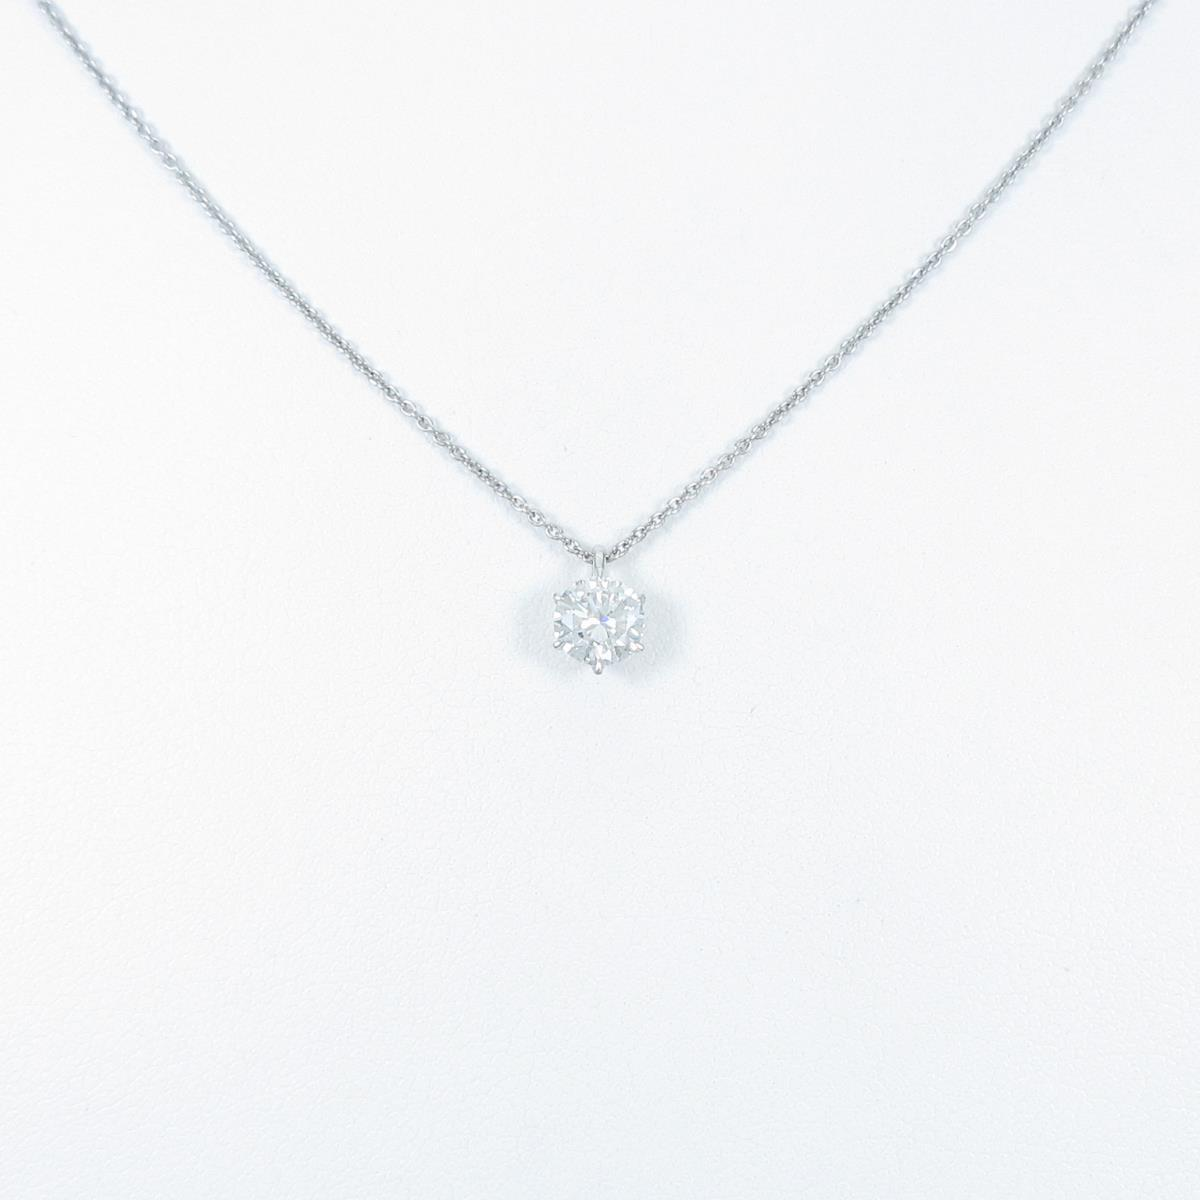 【リメイク】プラチナダイヤモンドネックレス 0.515ct・G・VS2・VG【中古】